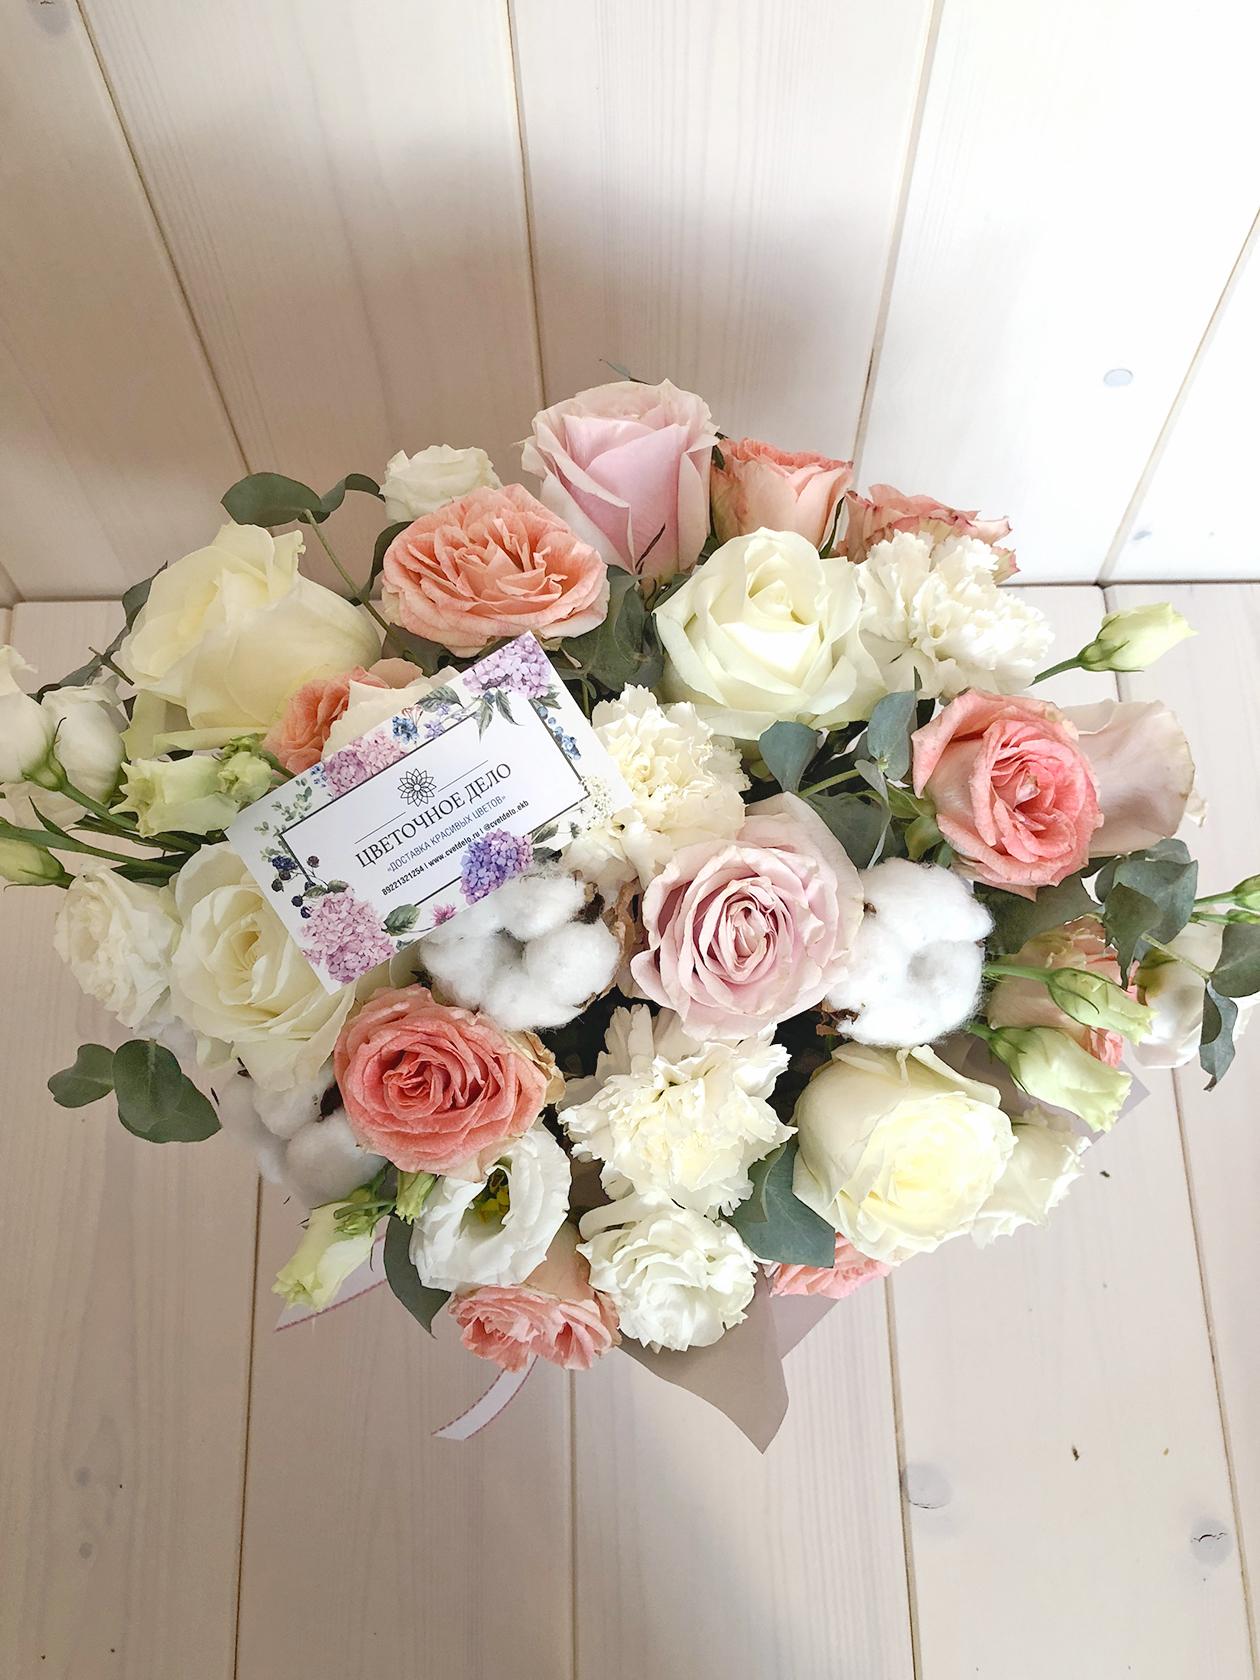 Доставка подарков и цветов екатеринбург, цветы купить